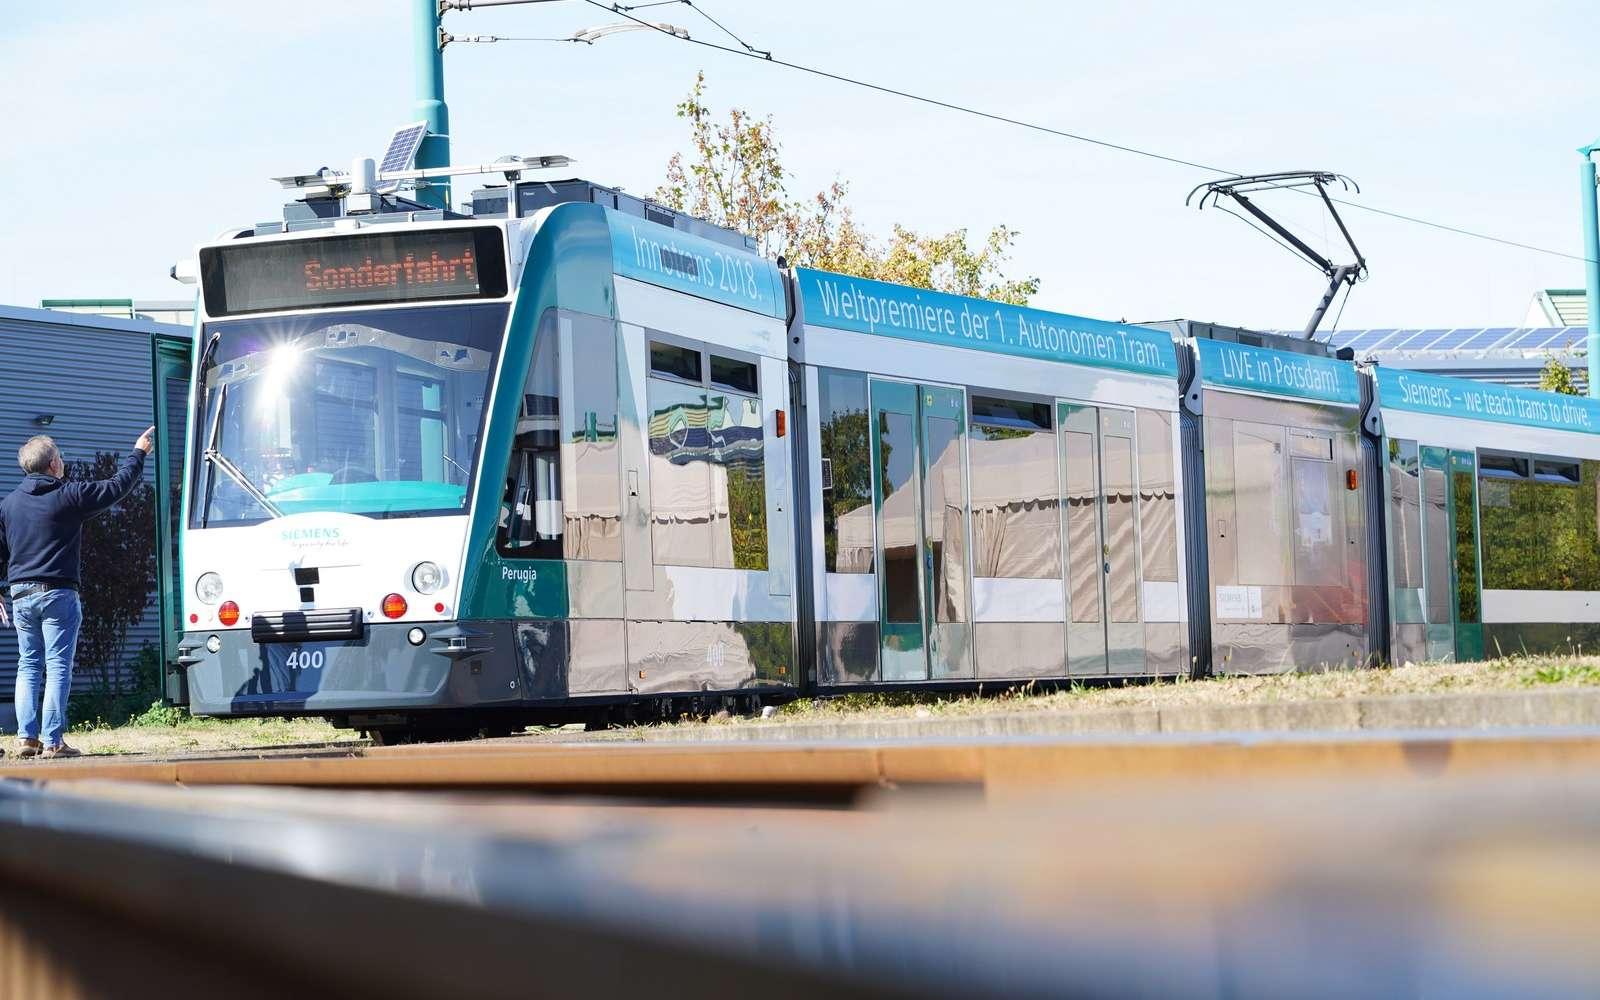 Le tramway autonome de Siemens. © Siemens Mobility